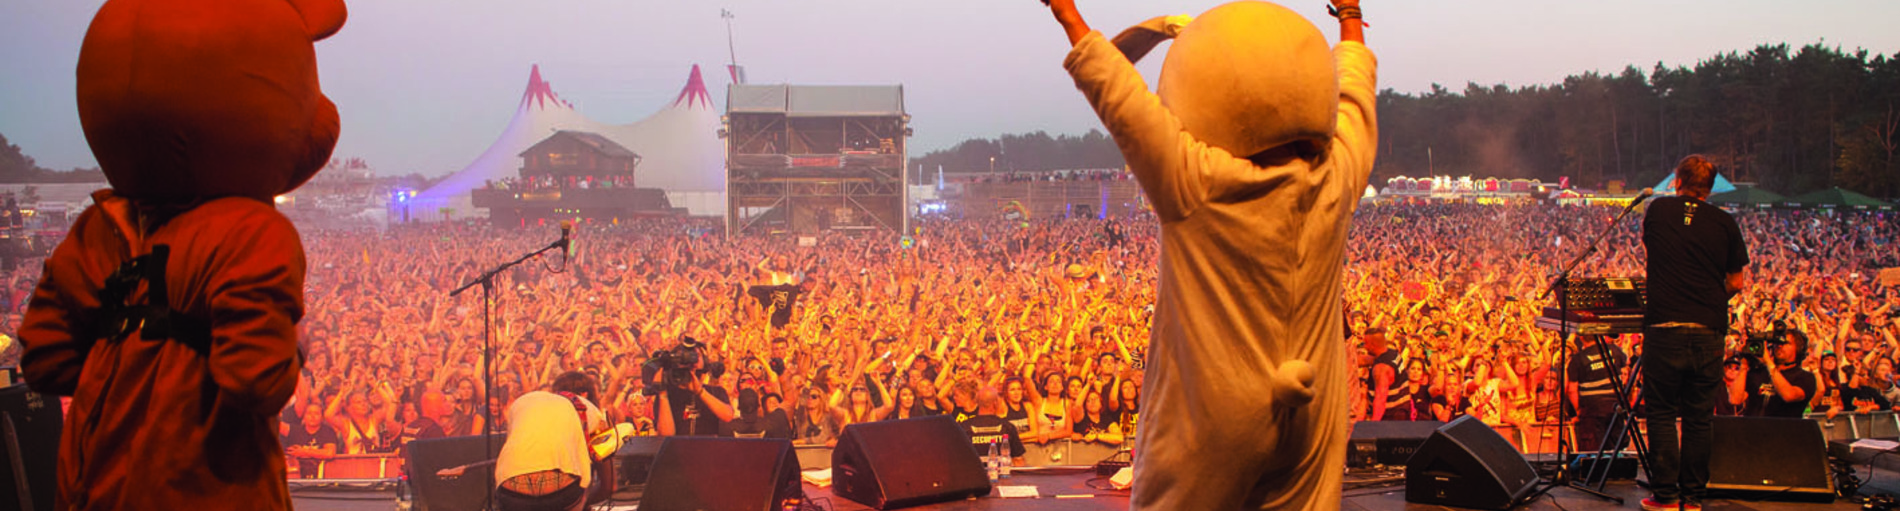 Der Blick vond der Bühne in die Massen